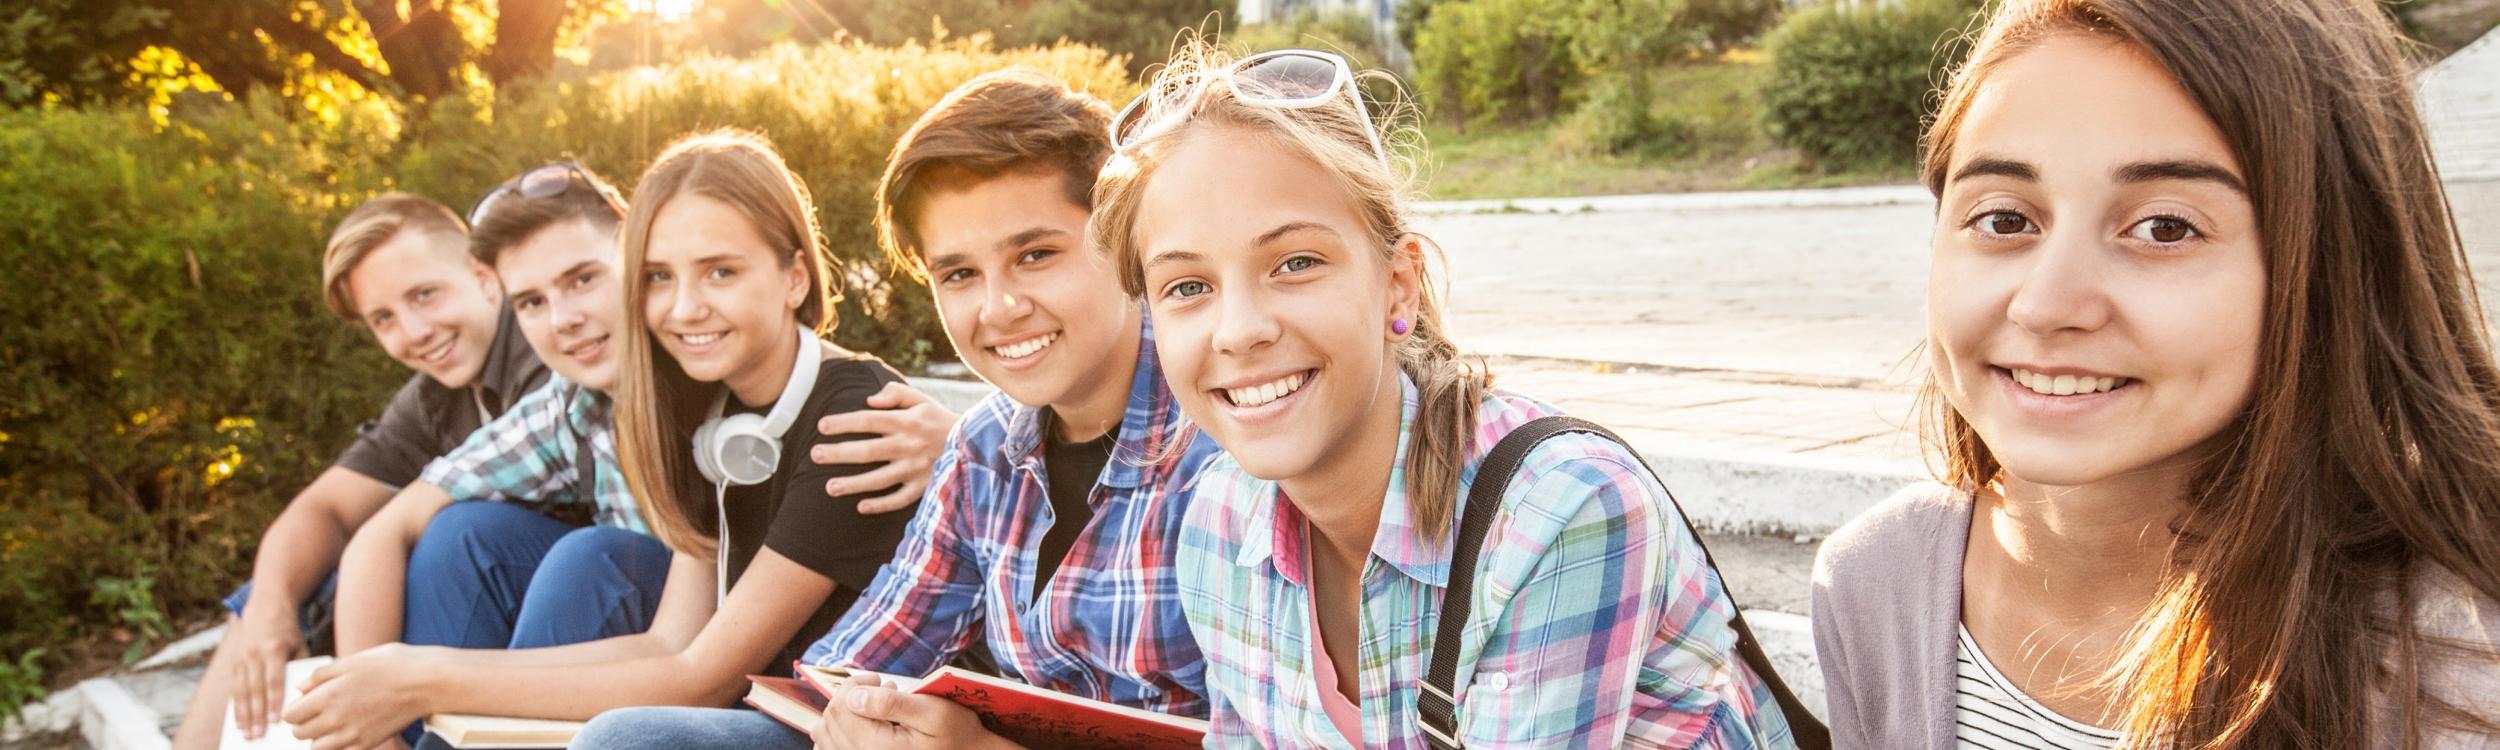 Eine Gruppe von Jugendlichen sitzt auf einer Stiege im Park.